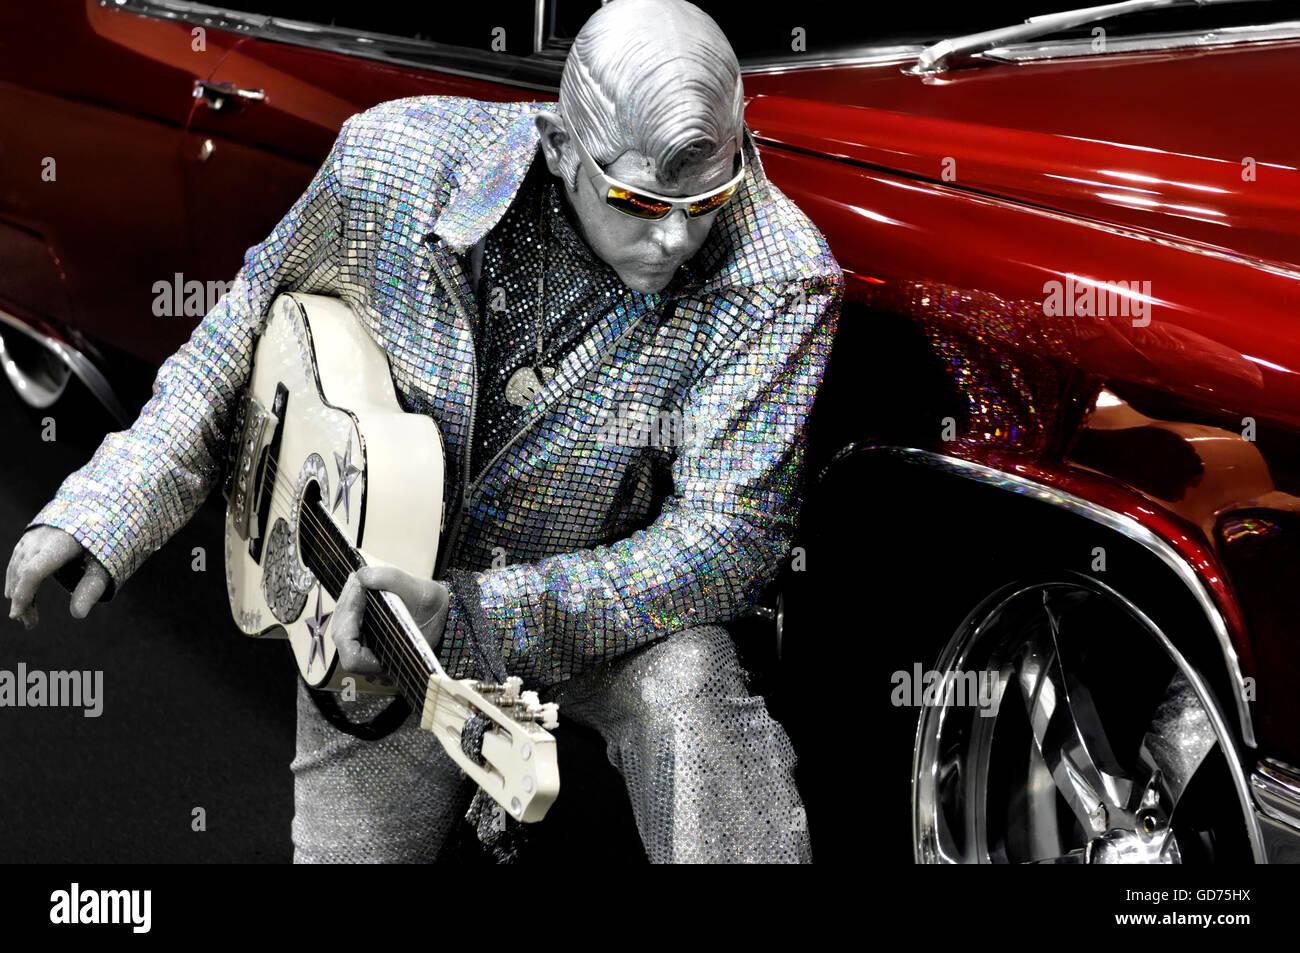 Elvis d'argent avec une guitare à genoux près d'une voiture classique rouge, d'interprètes Photo Stock